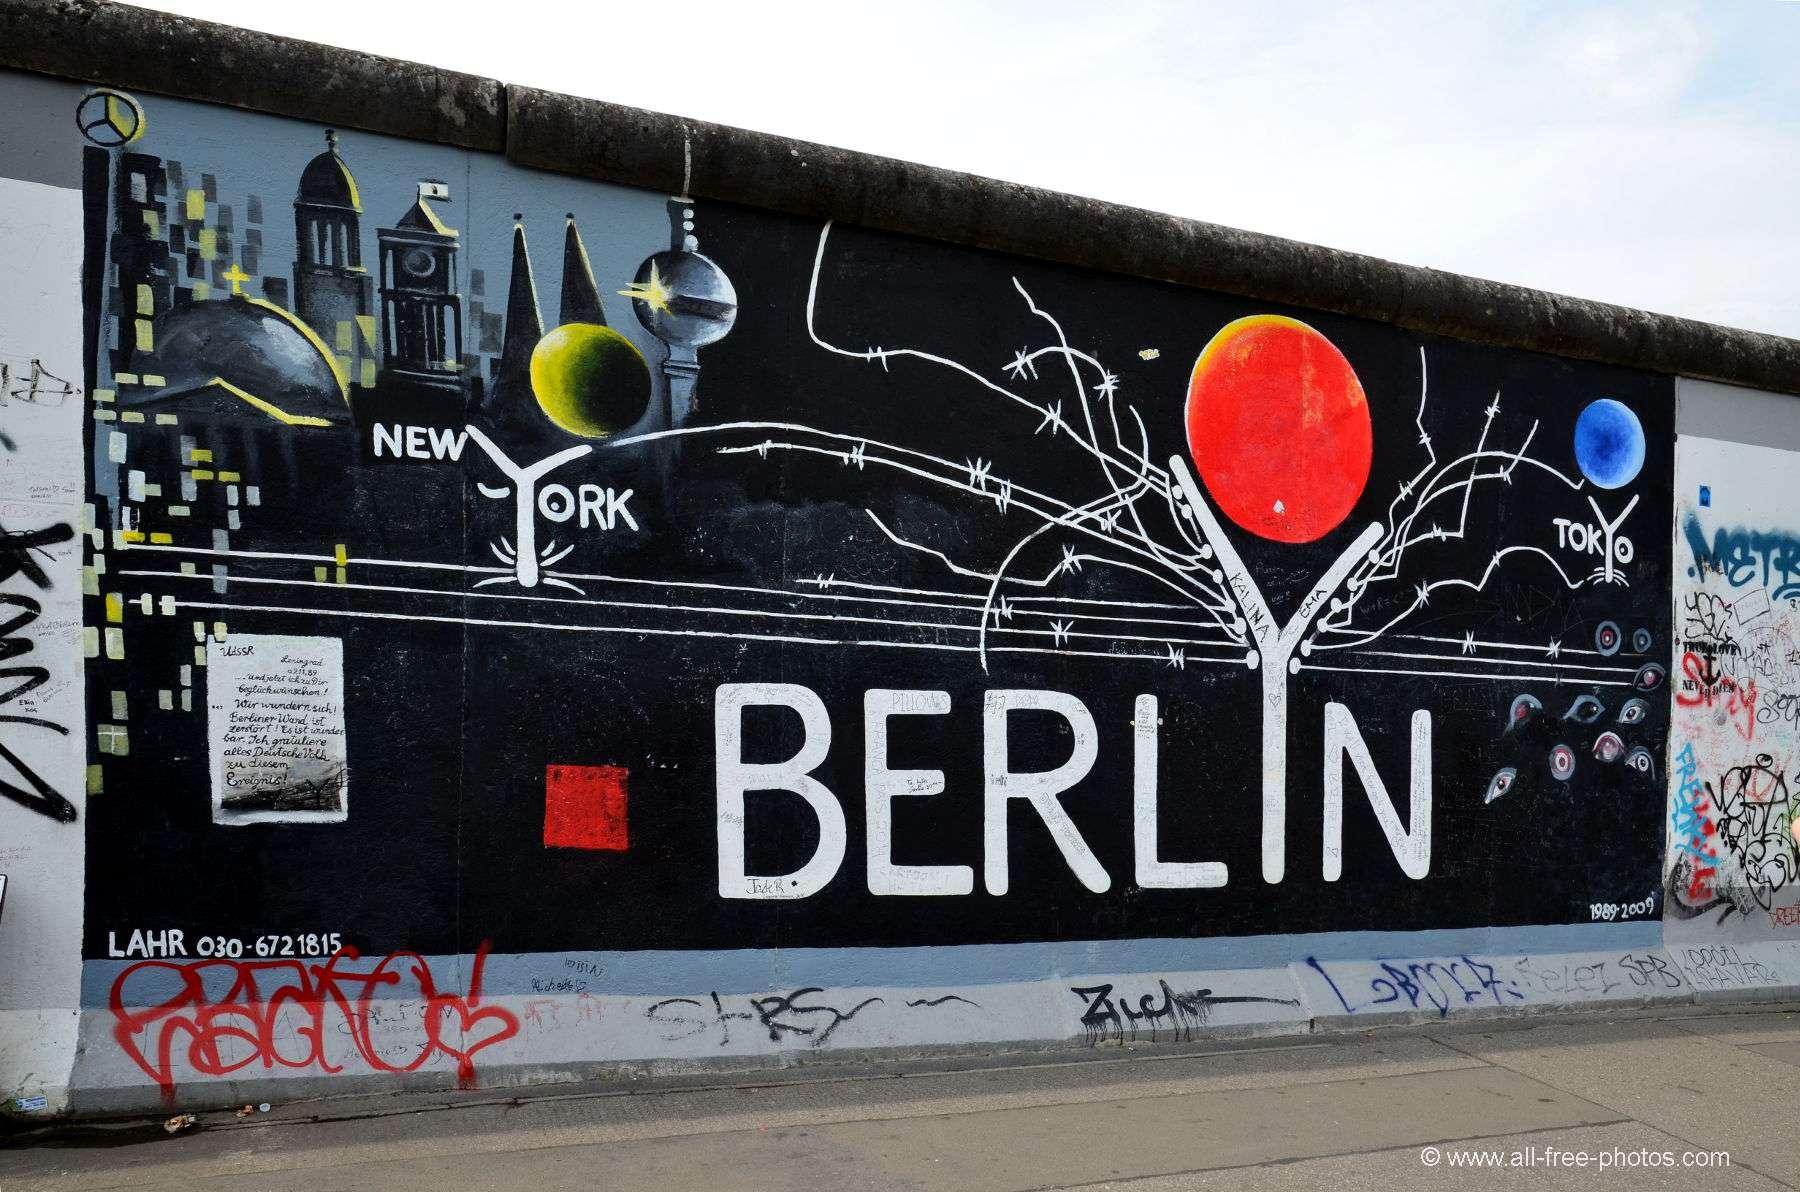 Le mur de Berlin by all free photos.com